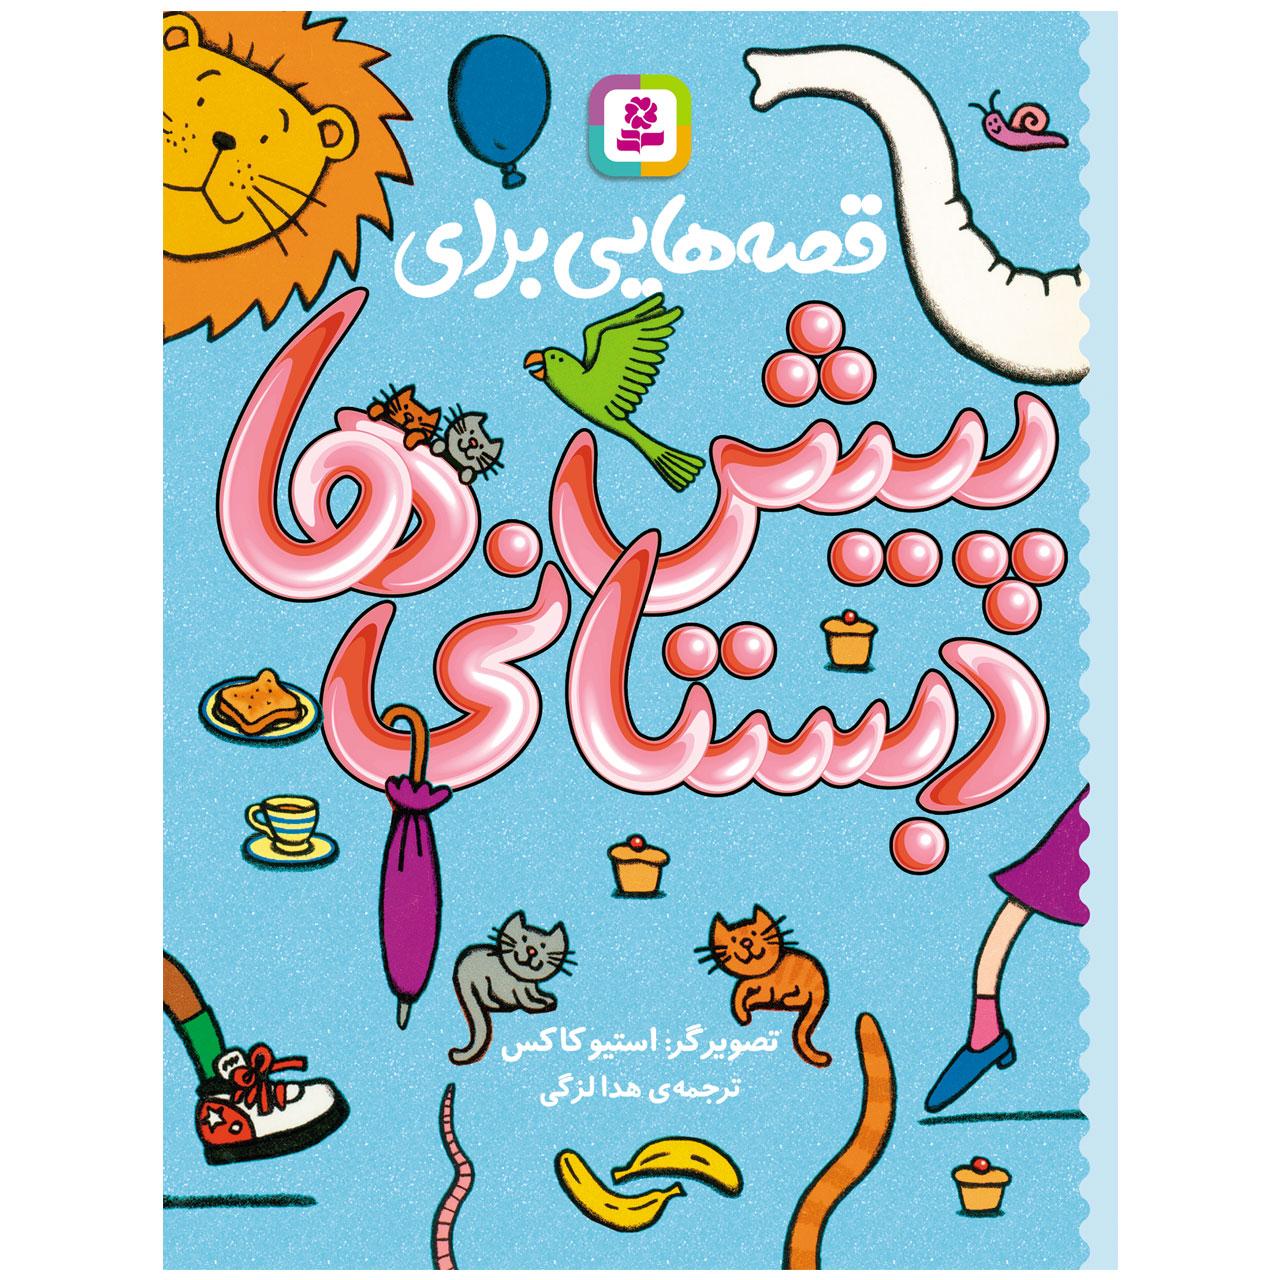 خرید                      کتاب قصه هایی برای پیشدبستانی ها اثر جمعی از نویسندگان انتشارات قدیانی